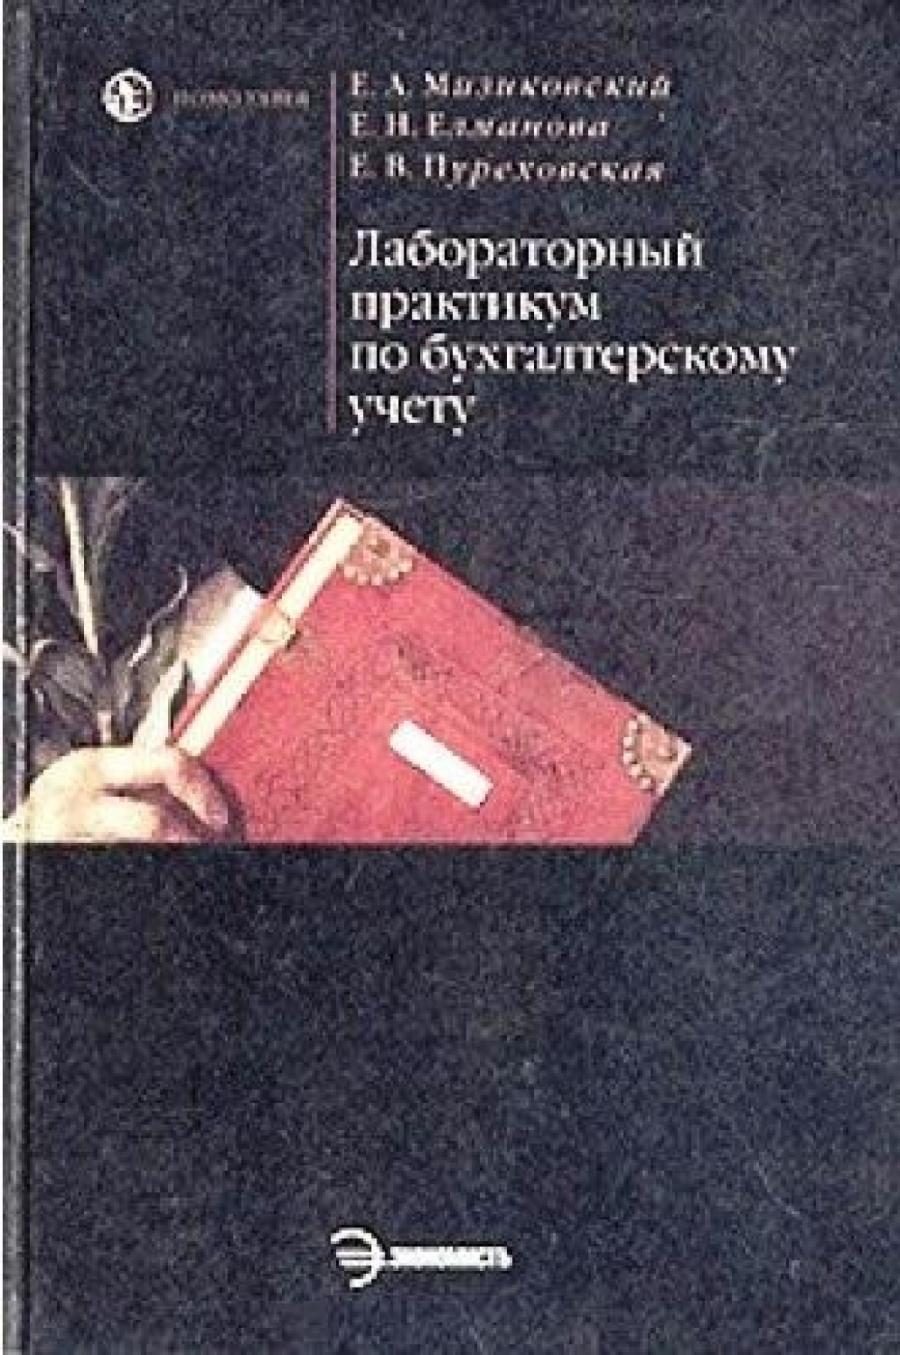 Обложка книги:  мизиковский е.а., елманова е.н., пуреховская е.в. - лабораторный практикум по бухгалтерскому учету